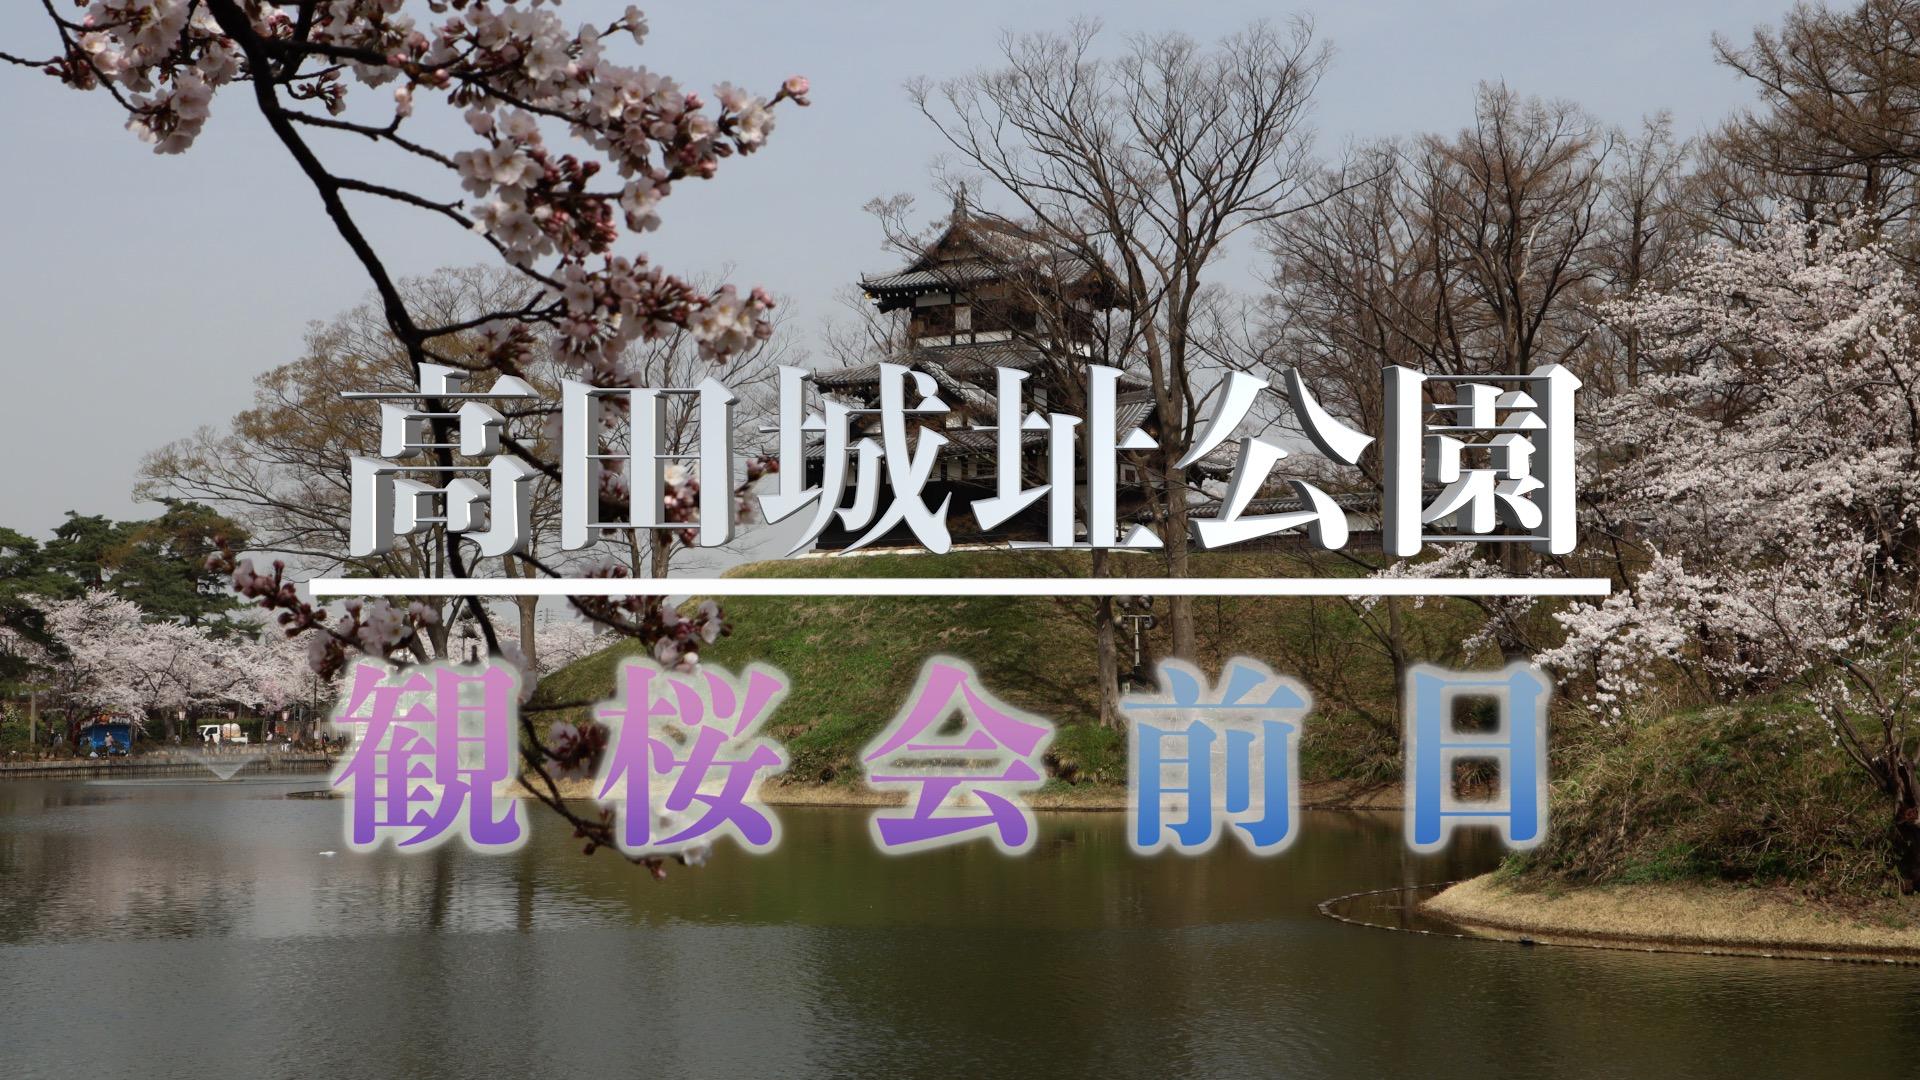 高田城址公園 観桜会前日のアイキャッチ